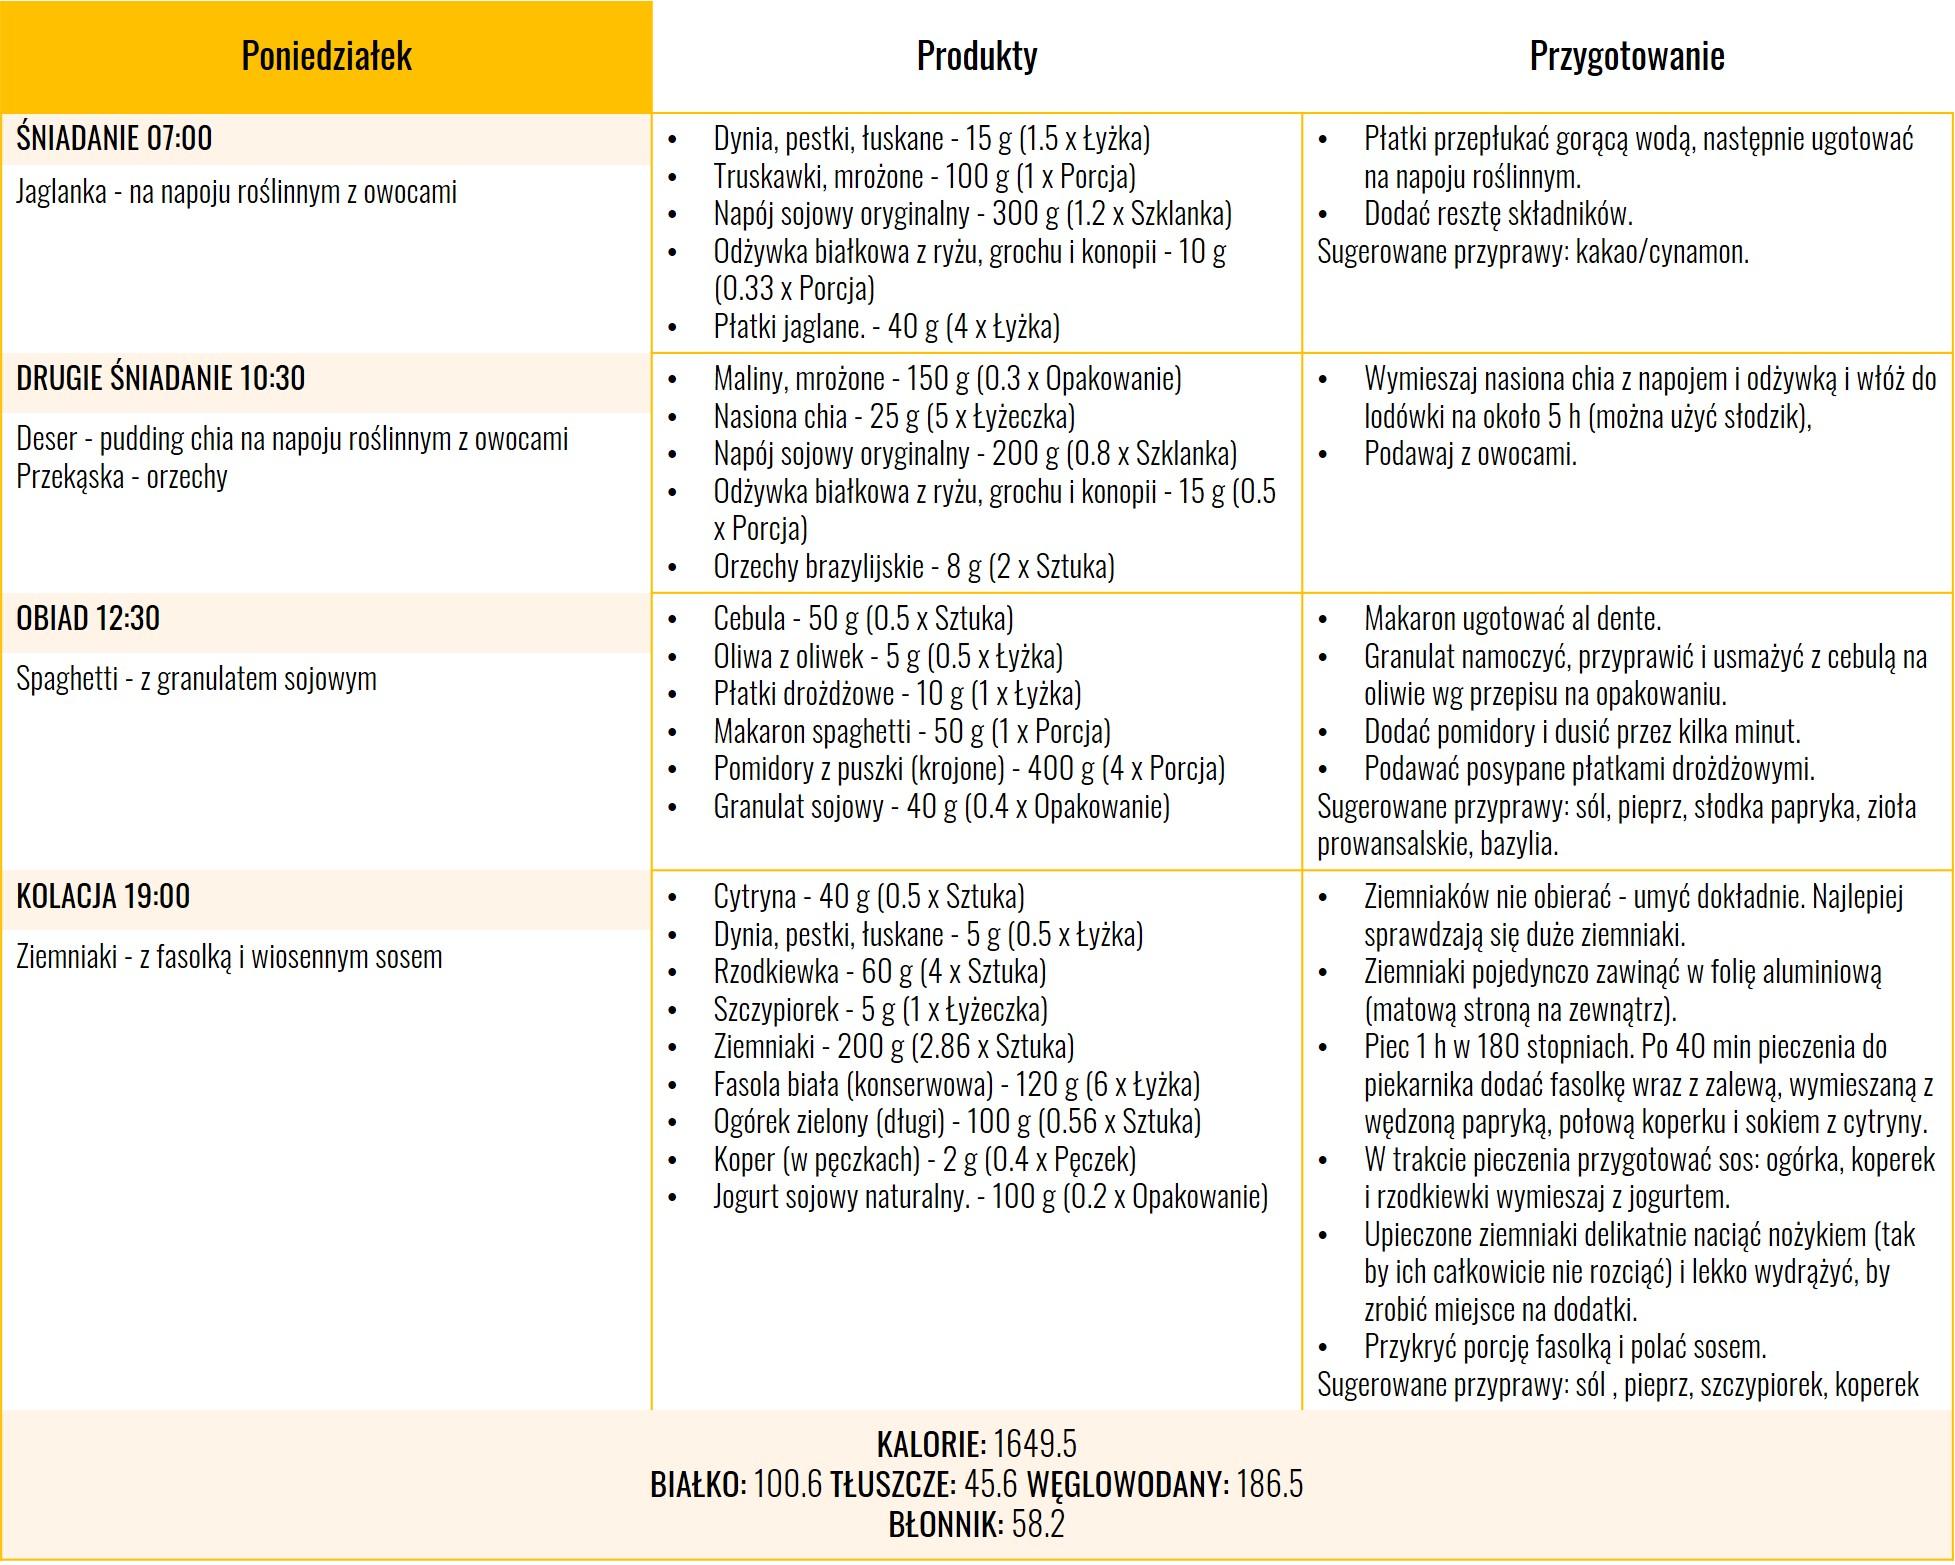 Dieta wegańska 1600 kcal - dzien pierwszy